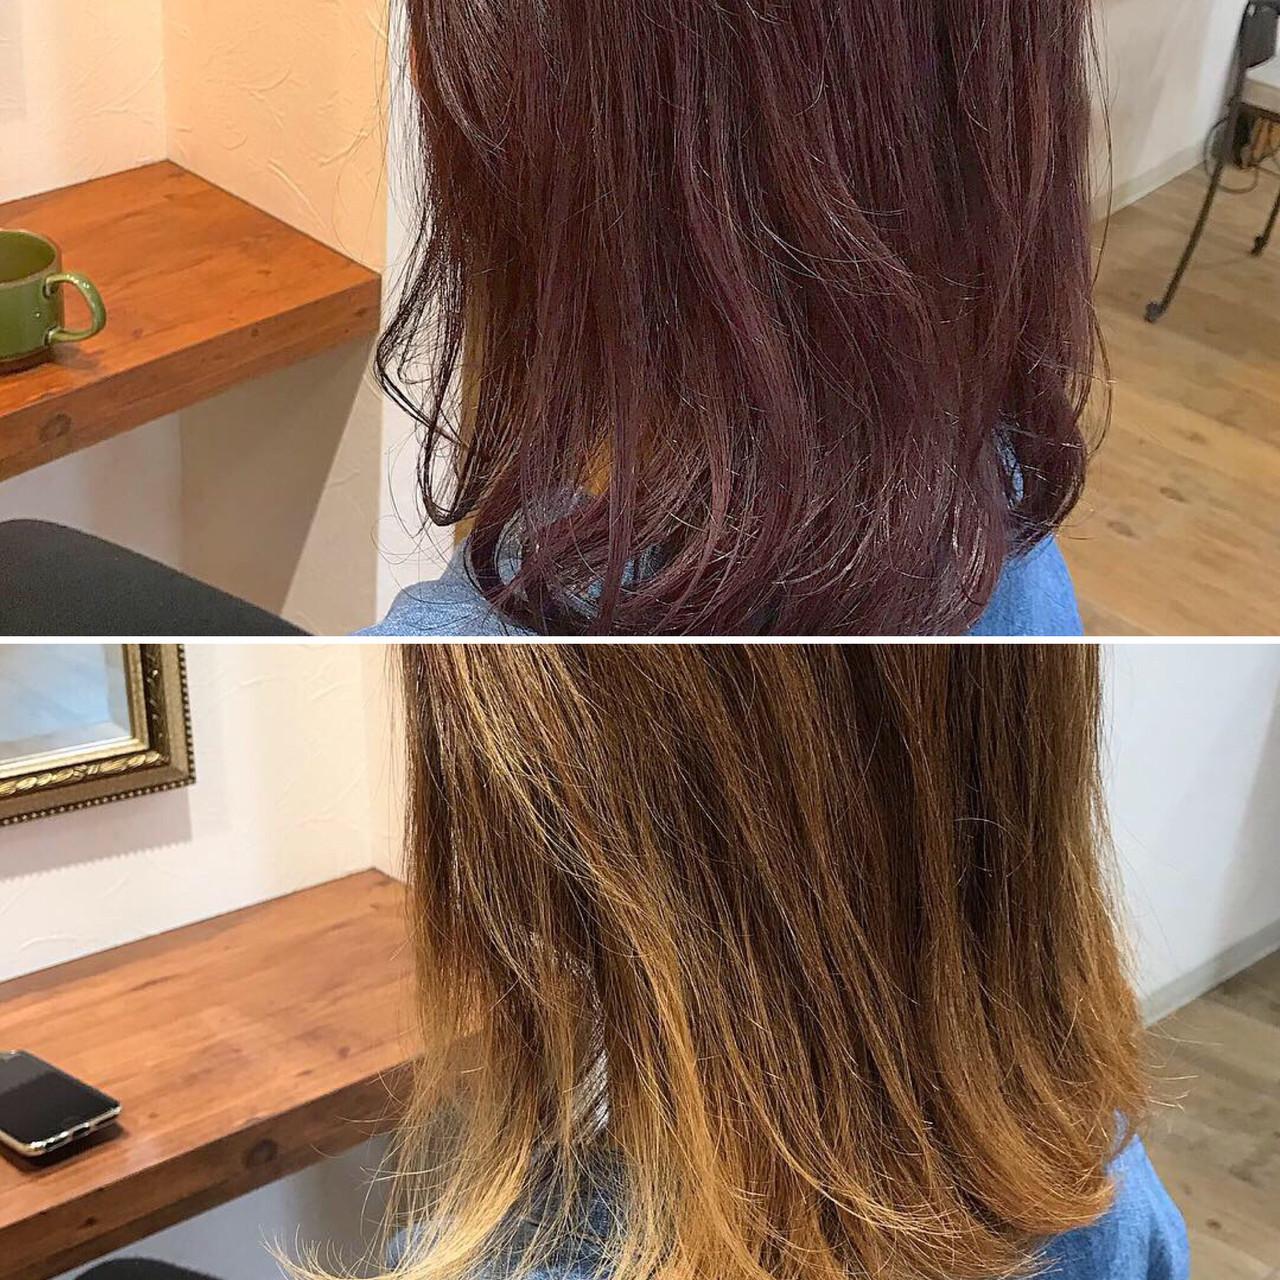 パープルアッシュ モード ワンカールスタイリング パープル ヘアスタイルや髪型の写真・画像